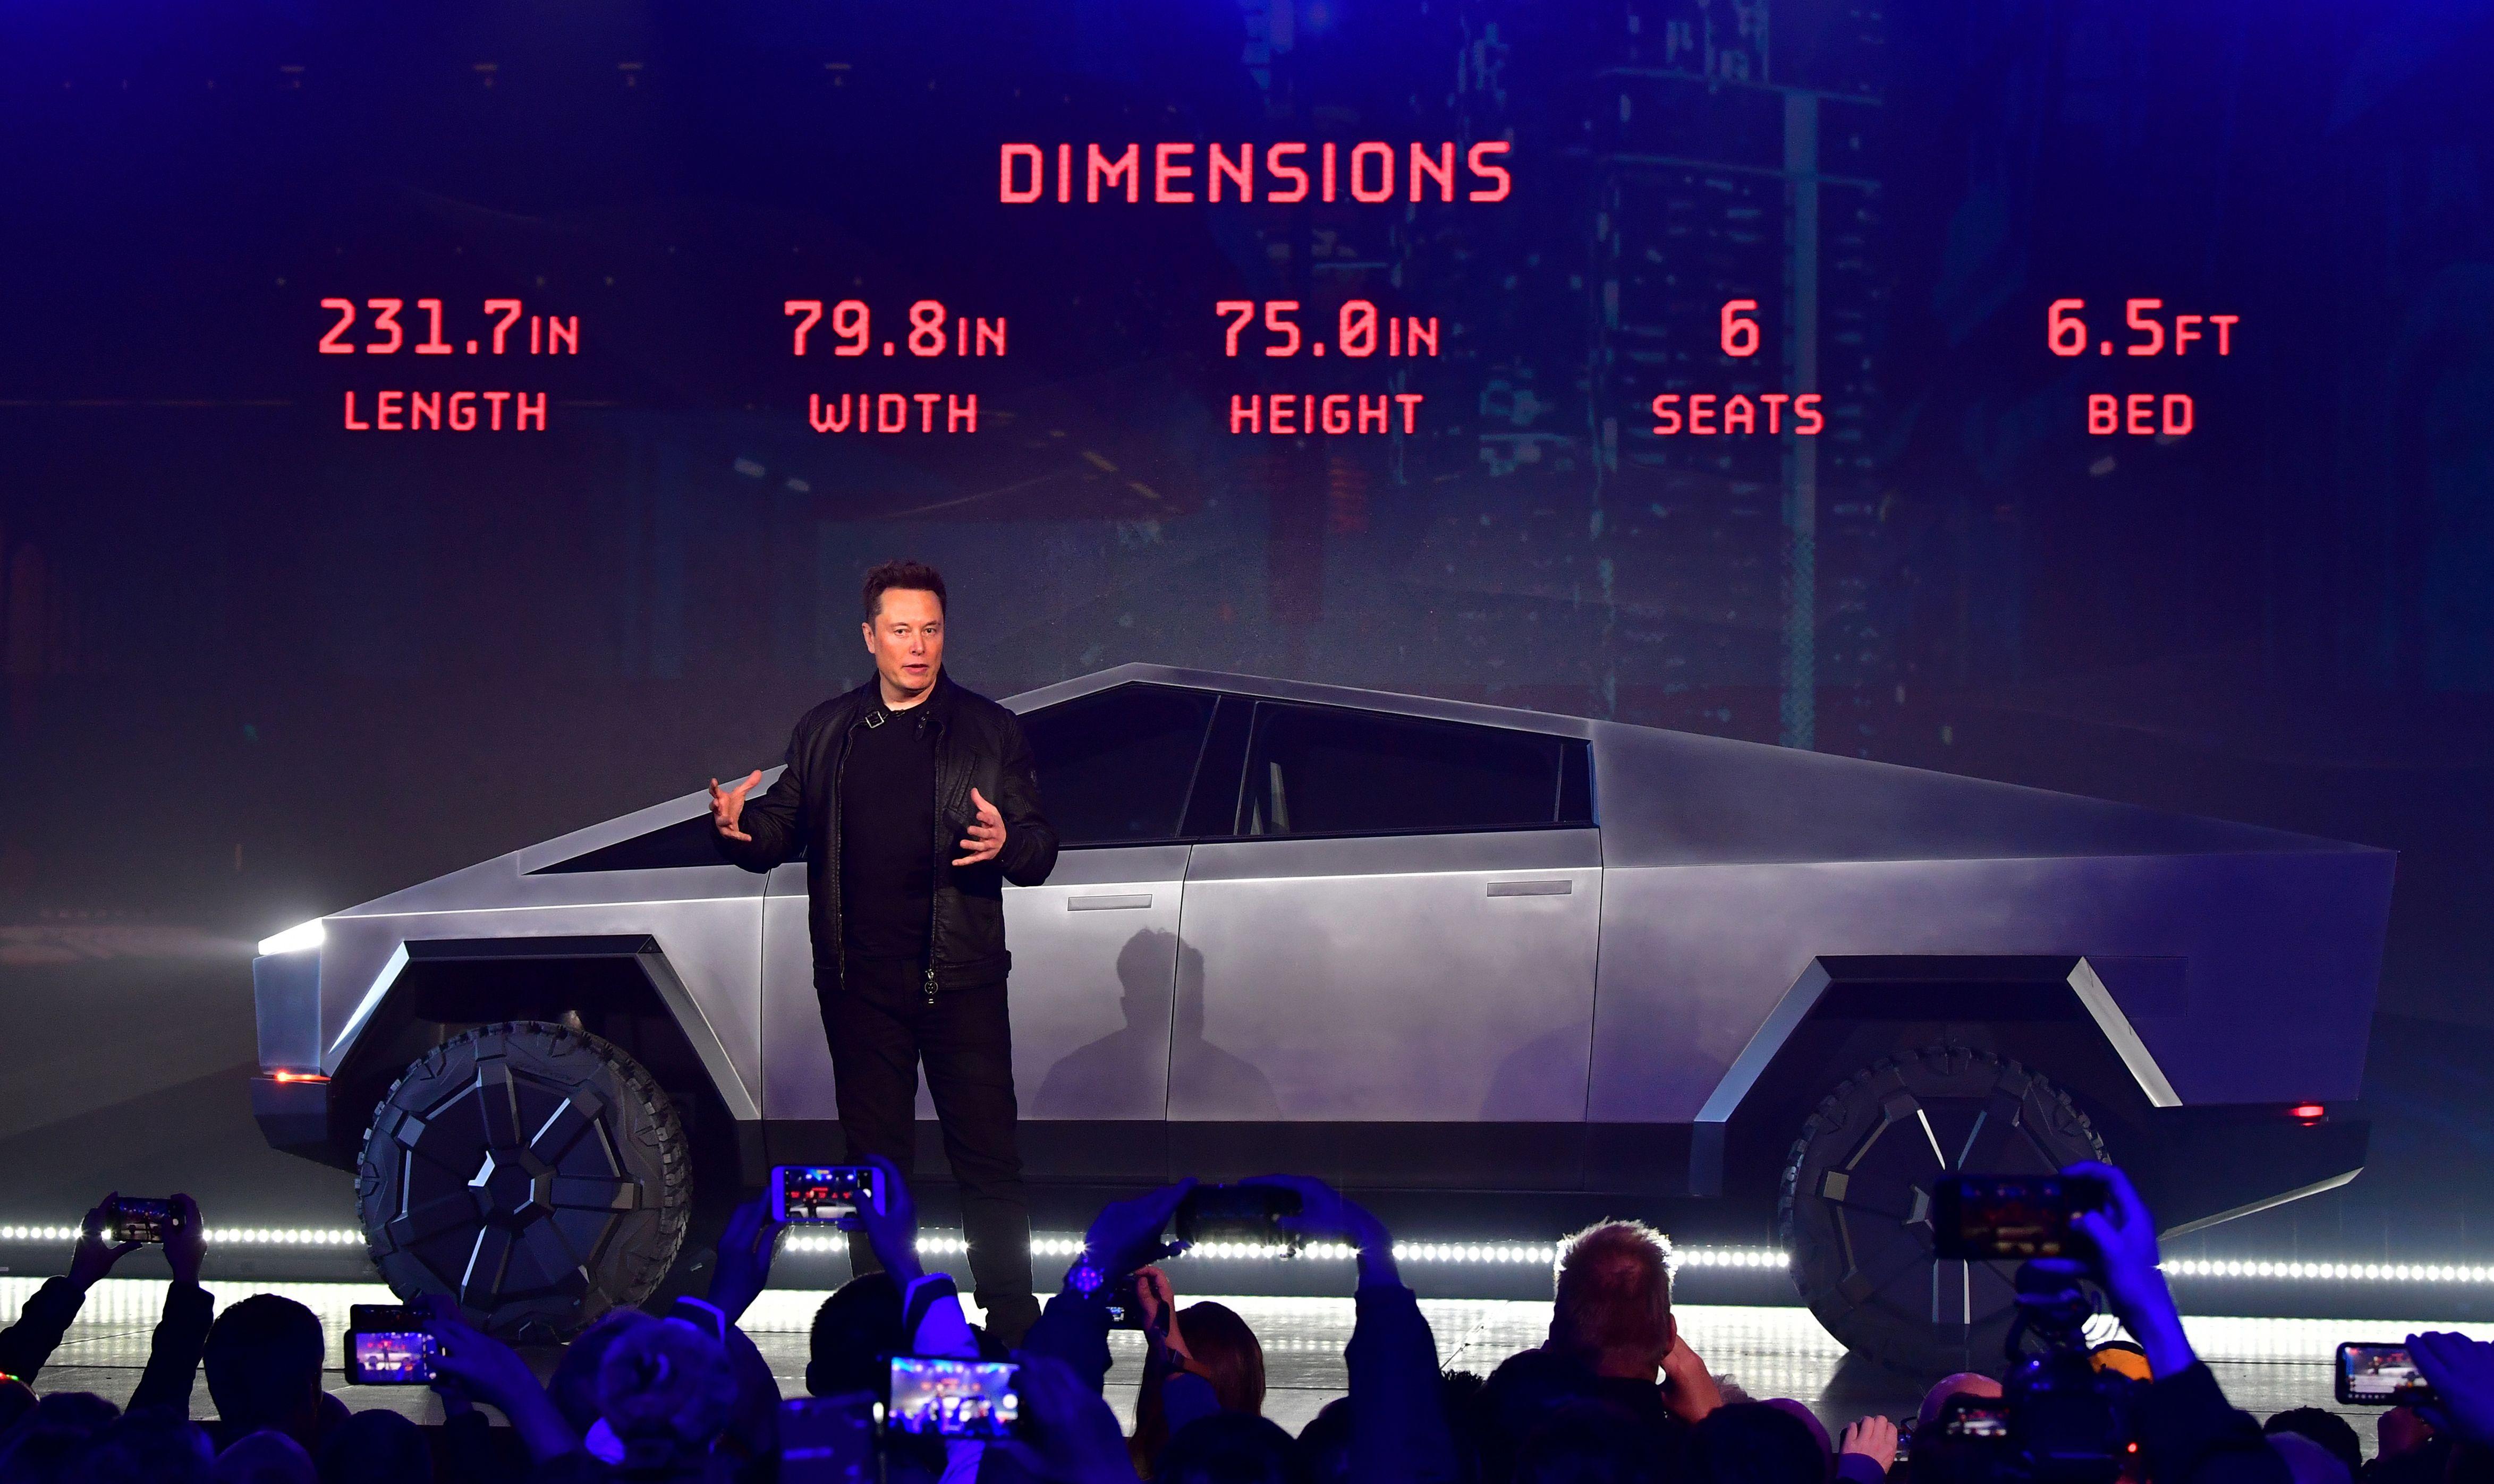 Cool Co2 Car Designs Ideas